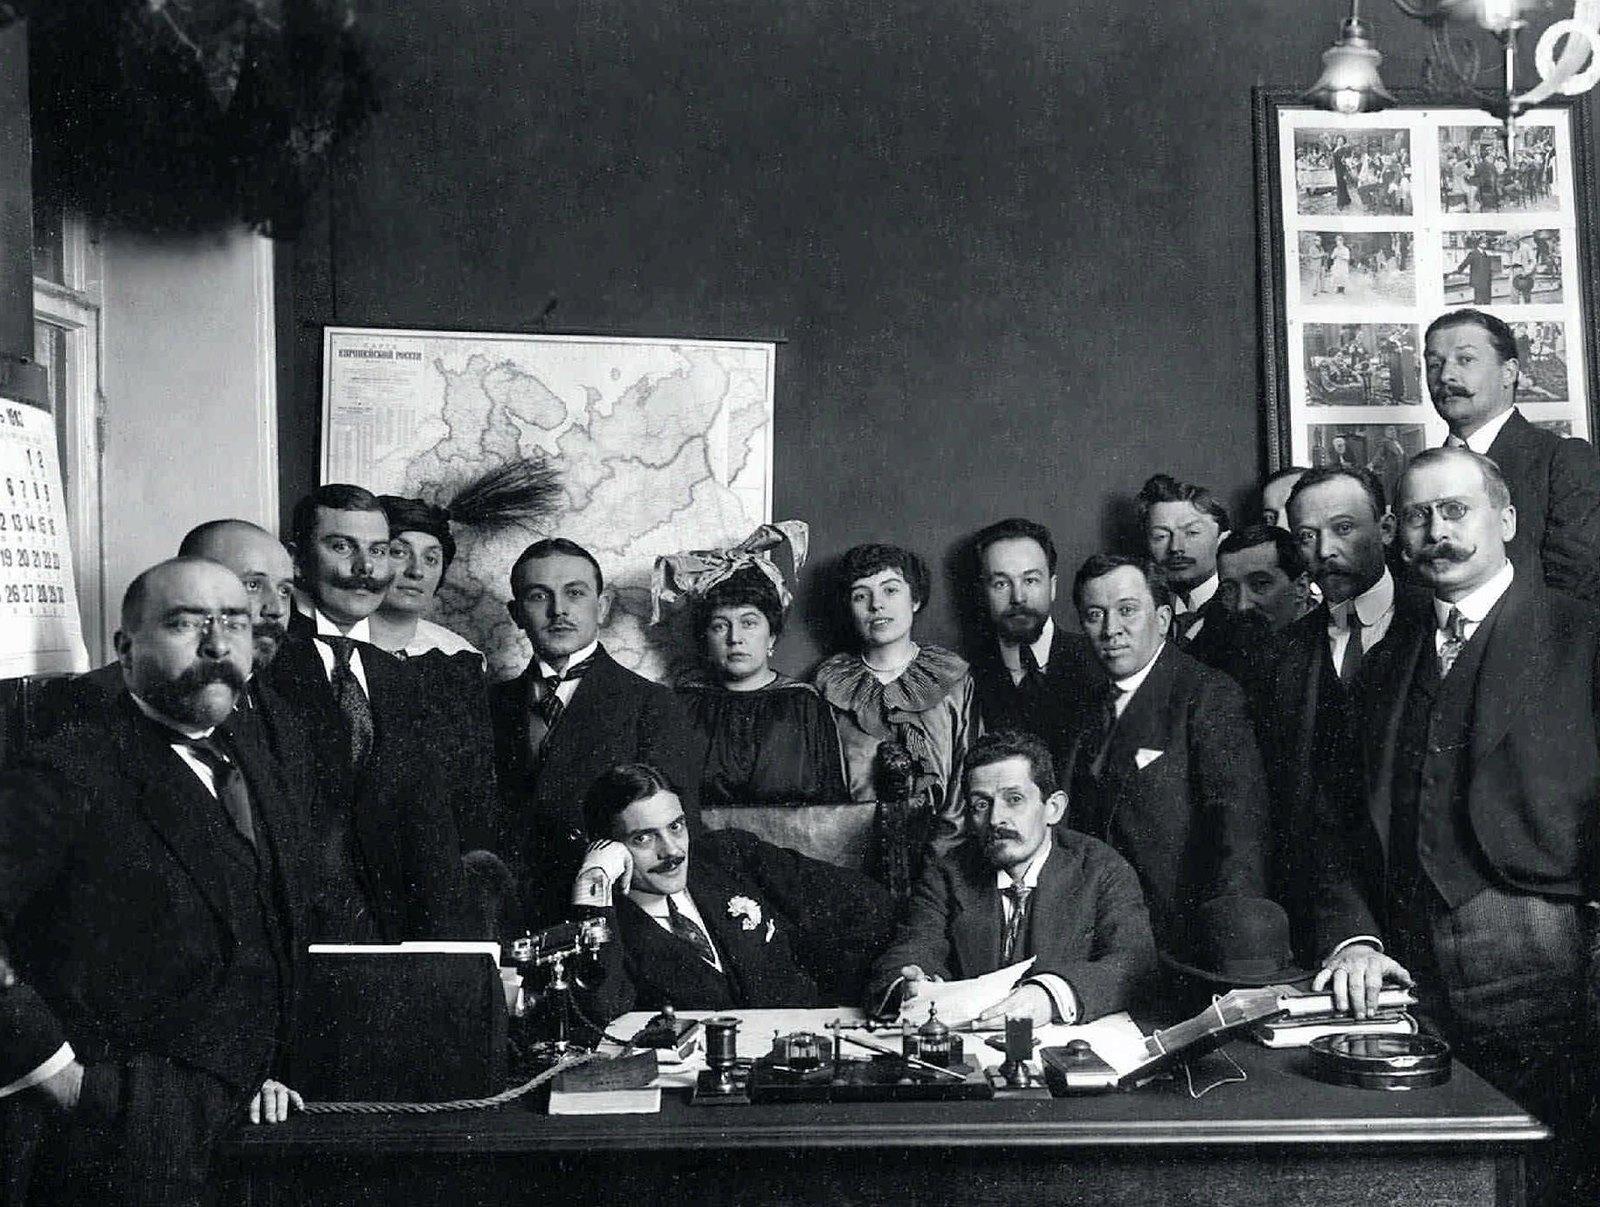 1913. Актер и режиссер Макс Линдер с предпринимателями в Санкт-Петербурге